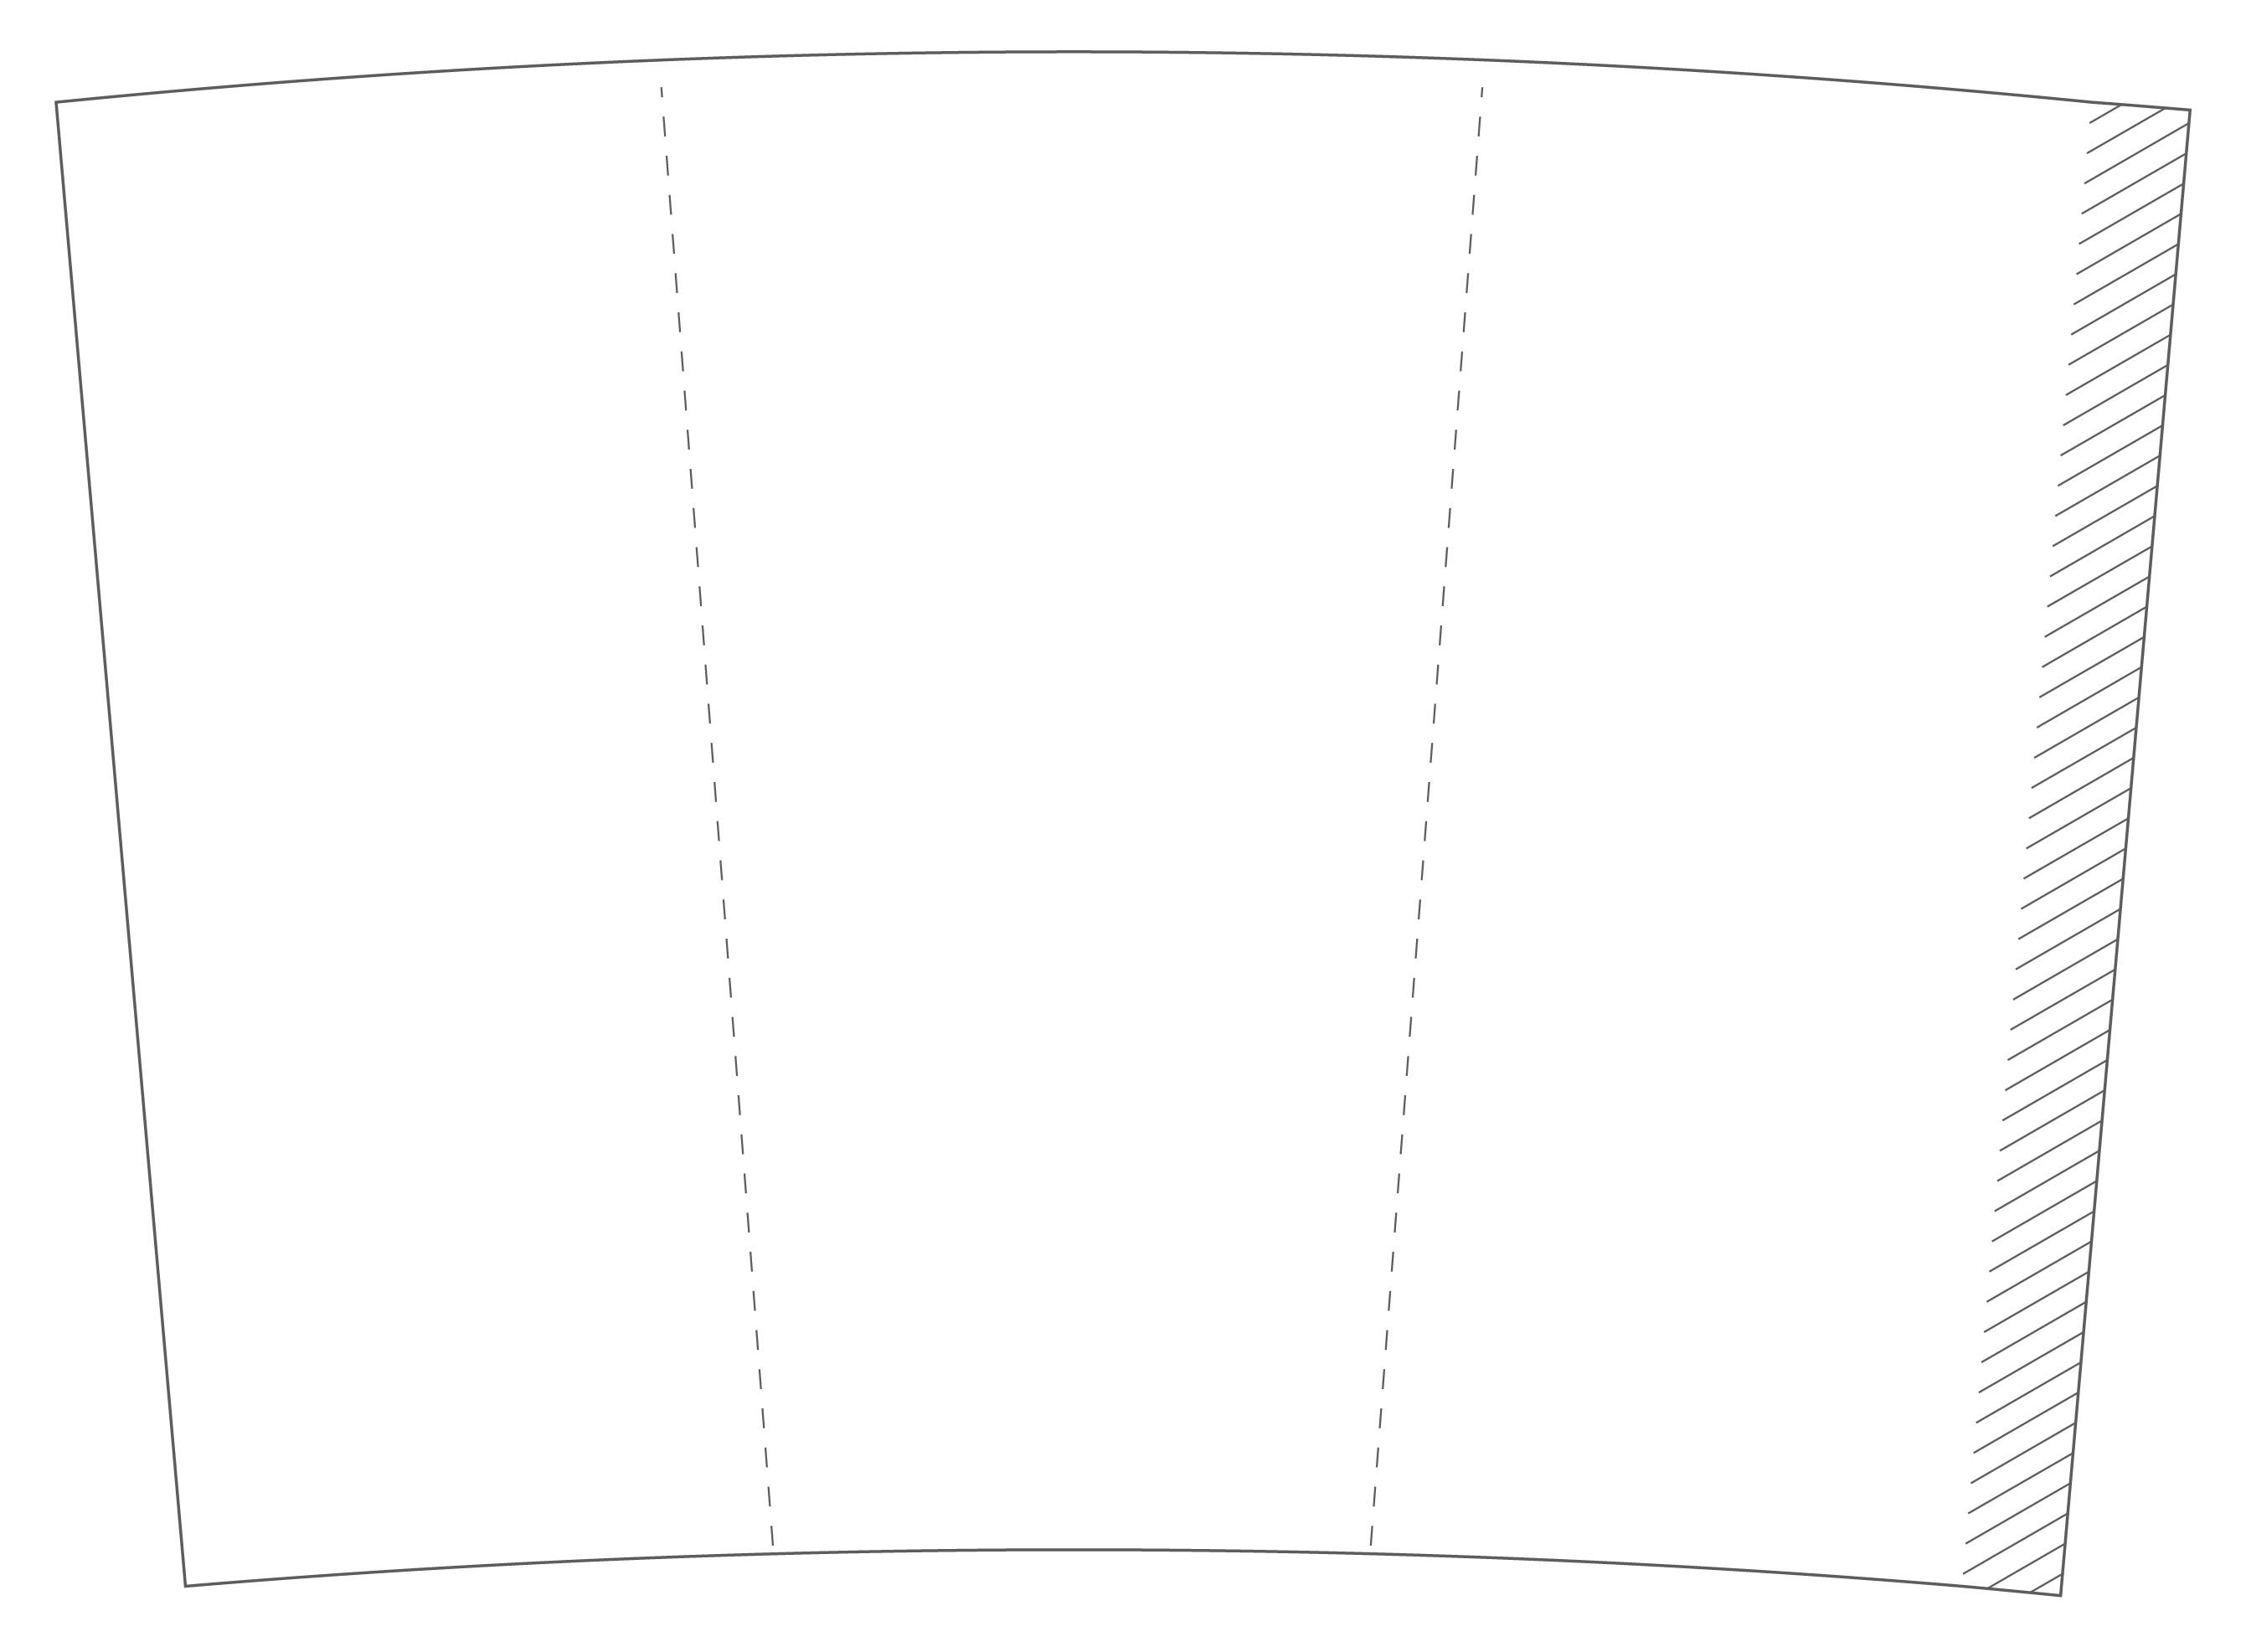 картинки для термокружек распечатать входит список, принимающих